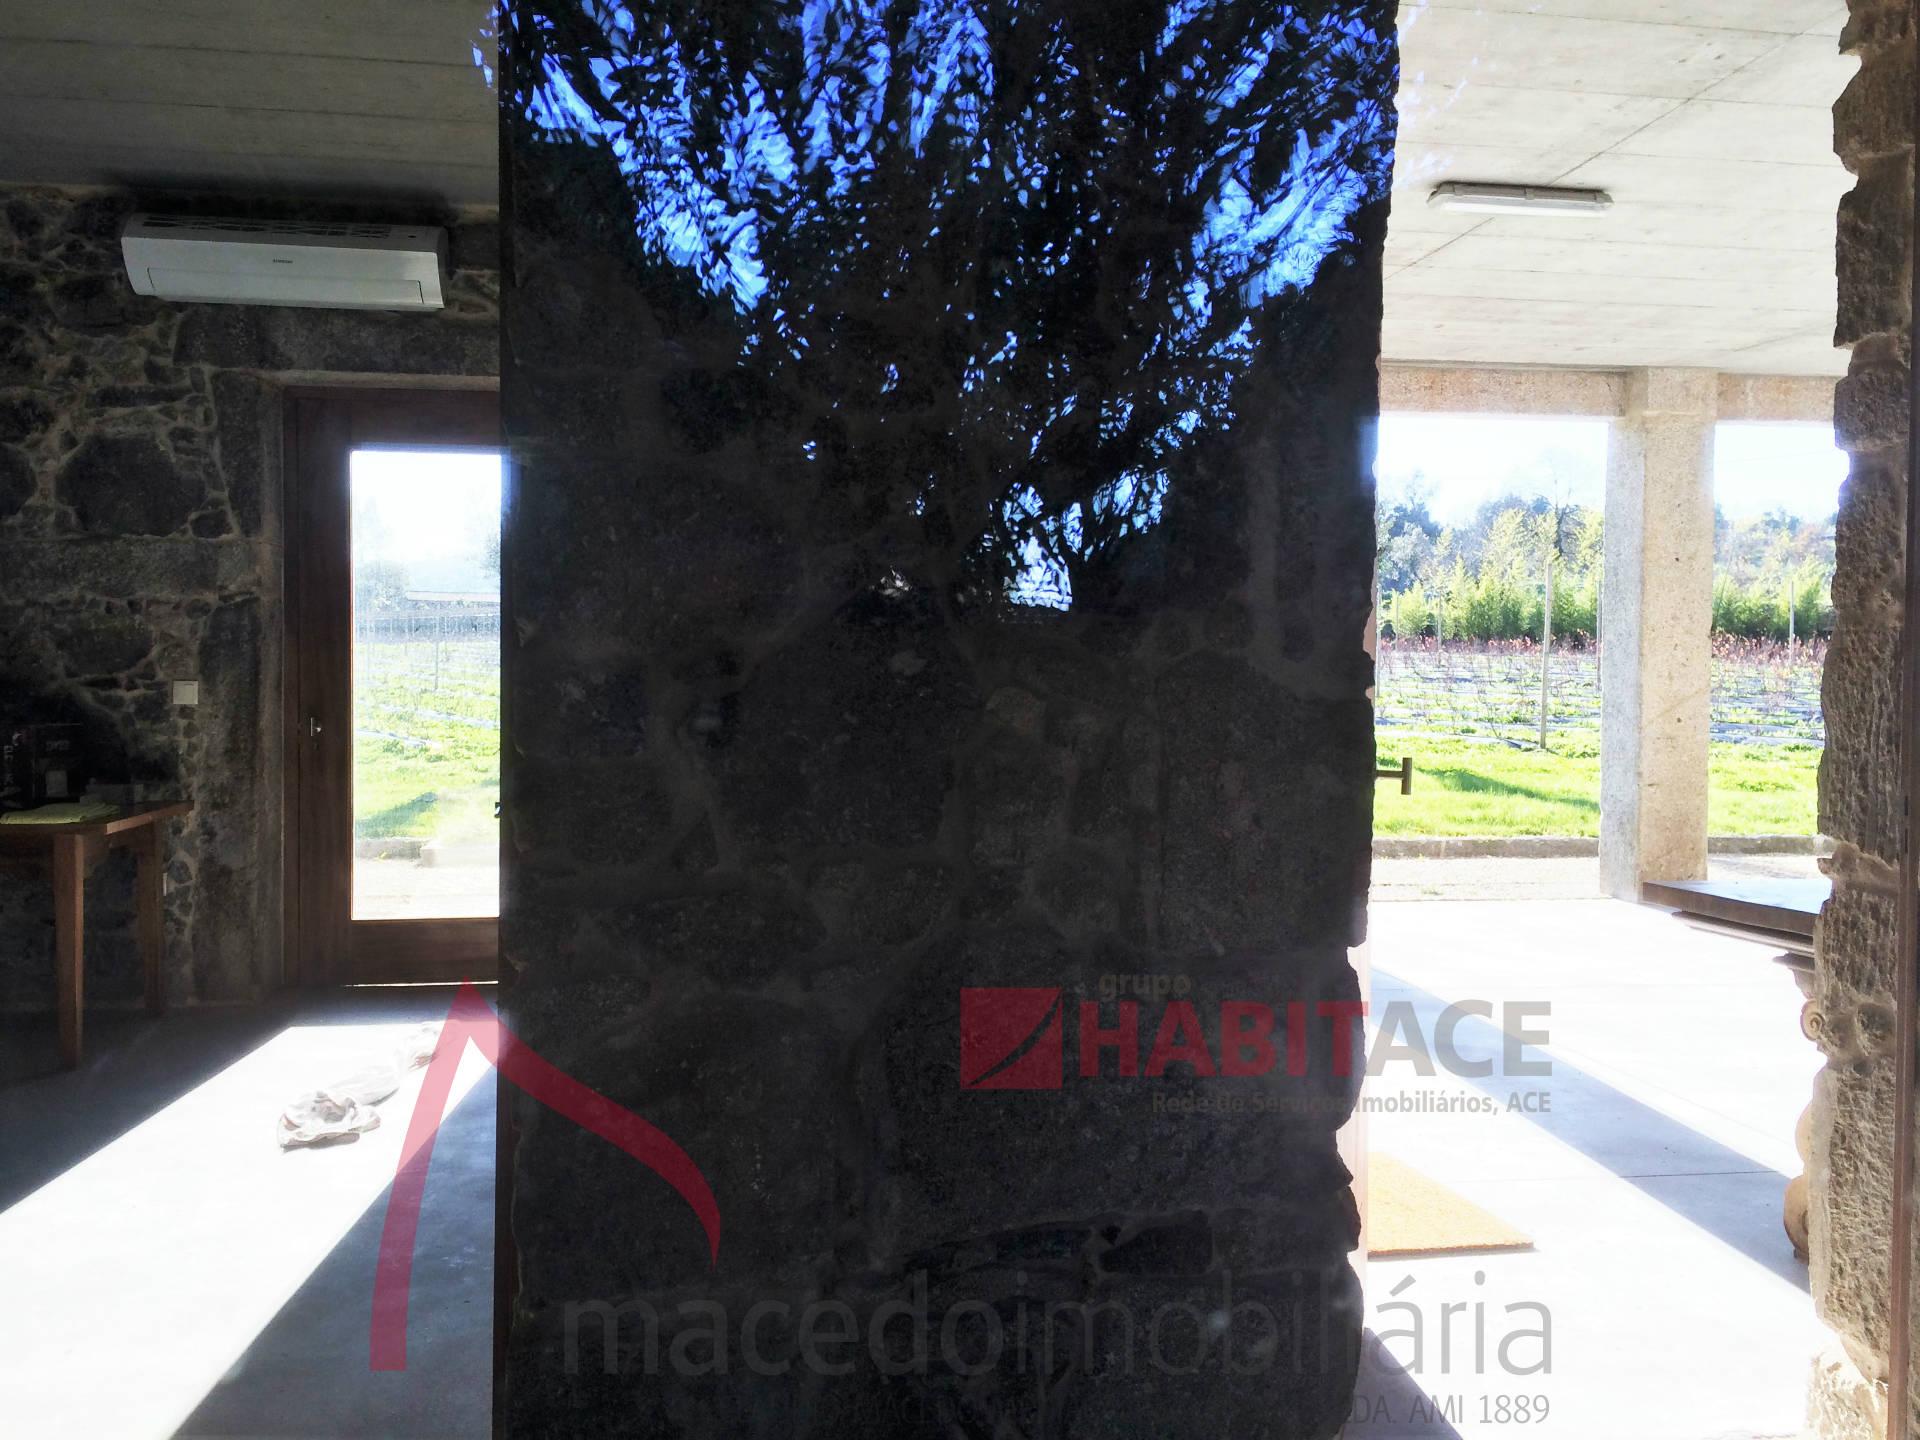 Moradia em pedra com piscina em Semelhe, Braga. Arquitetura moderna.